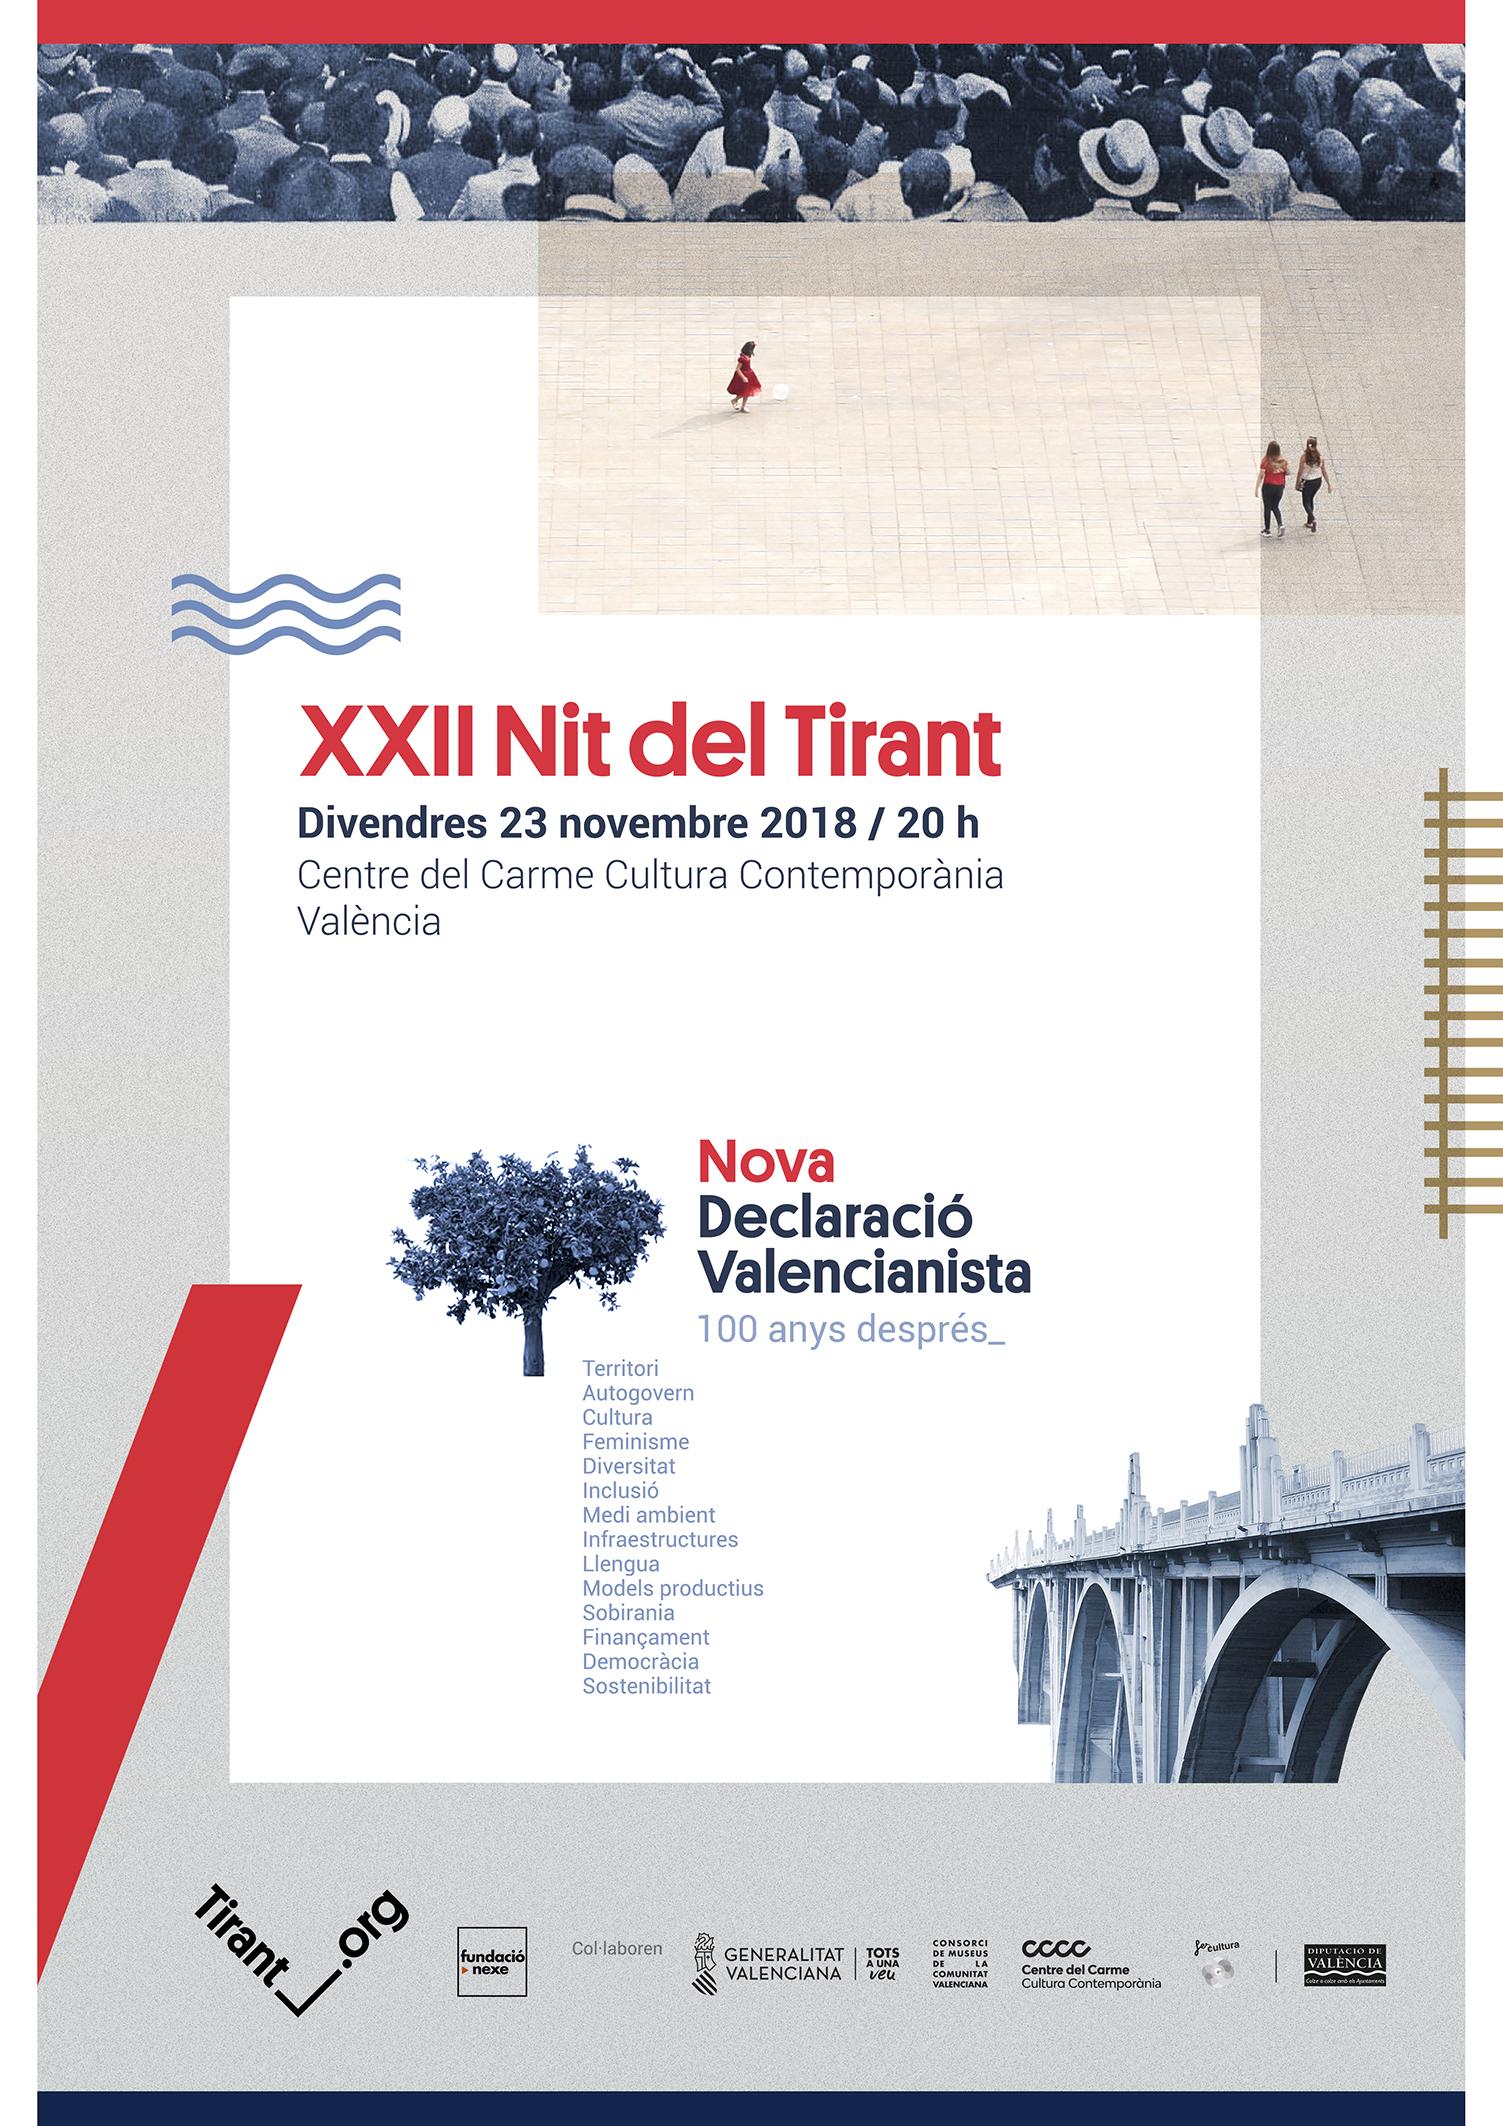 XXII Nit del Tirant!